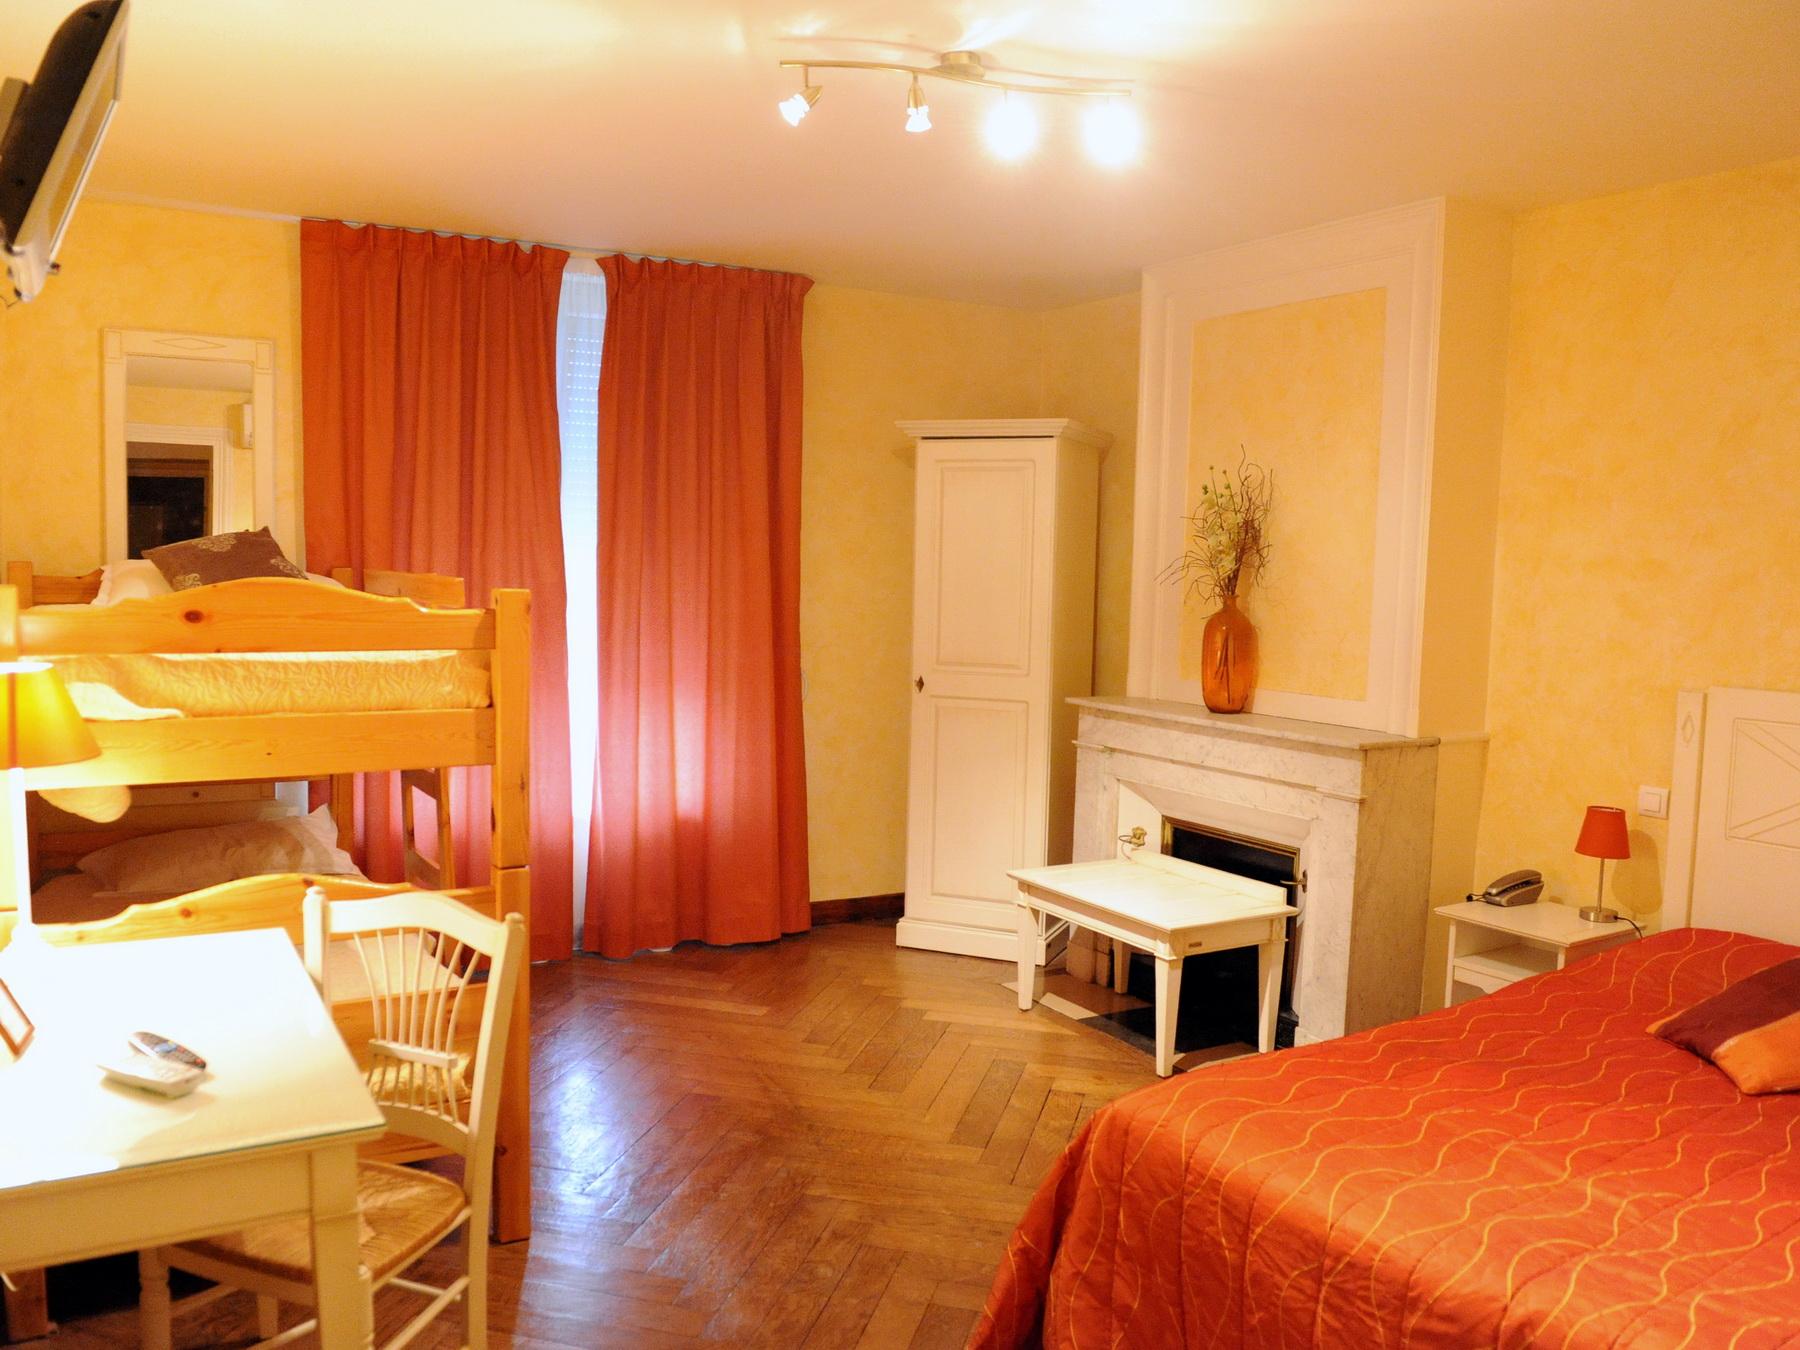 Chambre d'hôtel 2